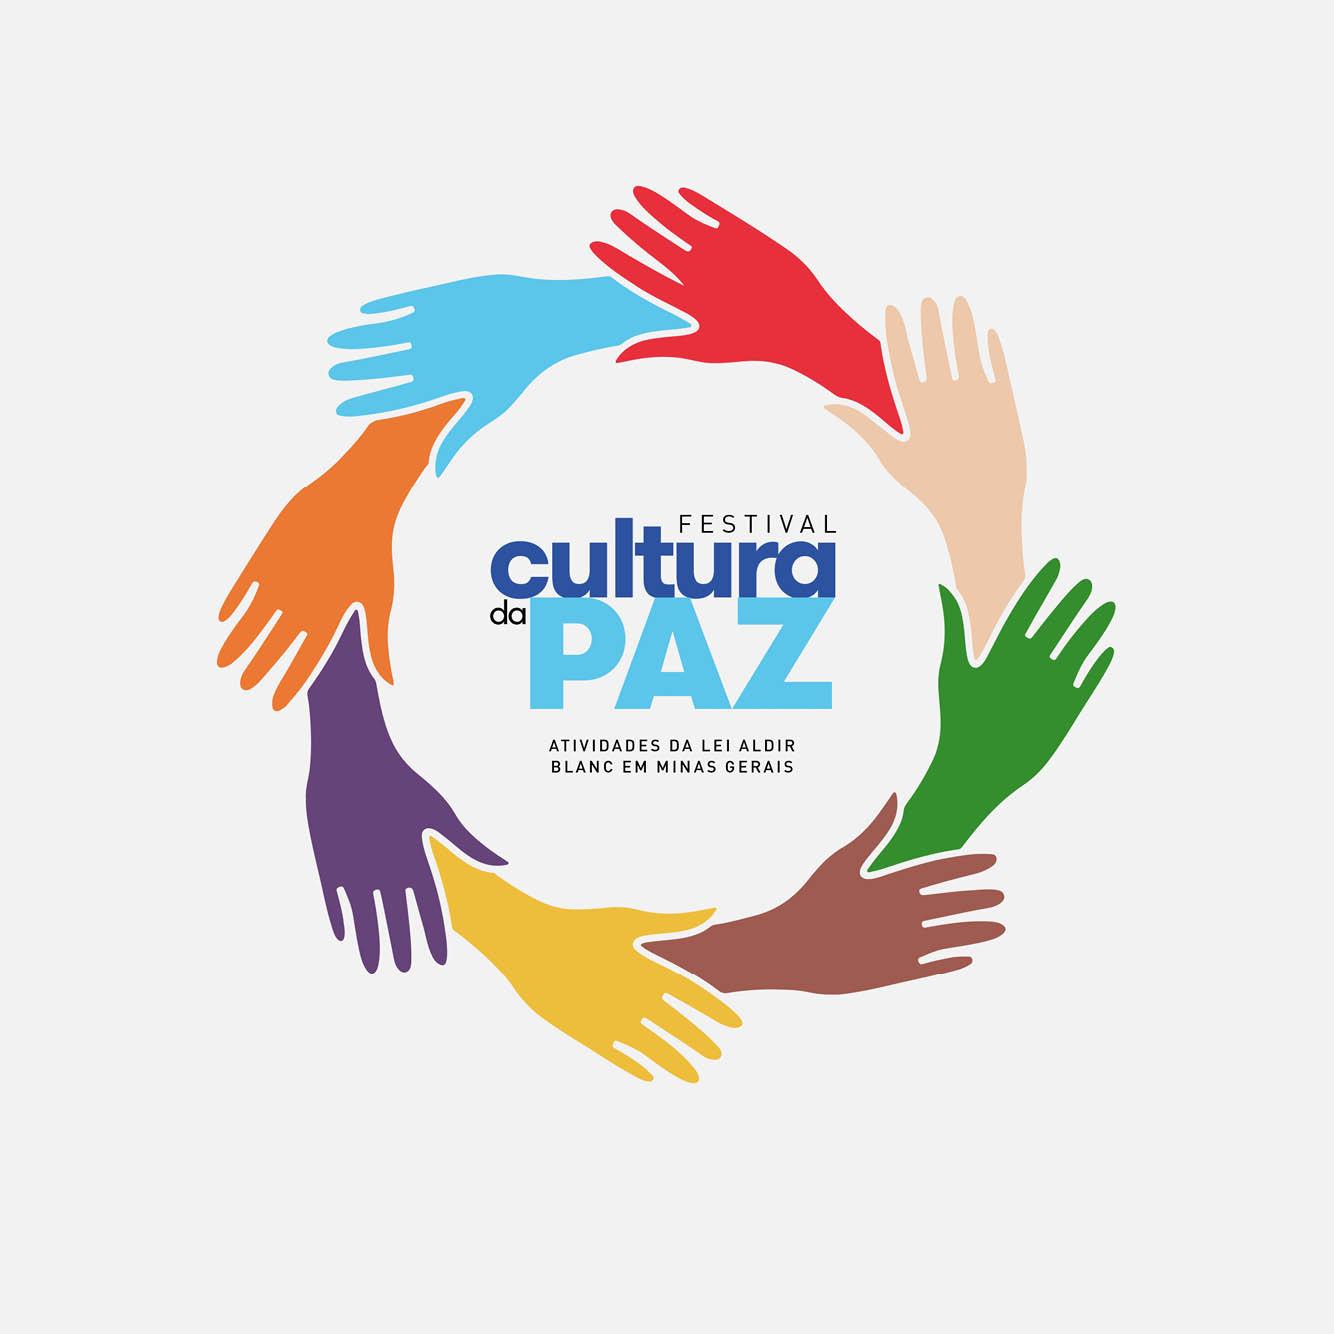 Evento: Secult prorroga até 15/09 o prazo de inscrições do Festival Cultura da Paz